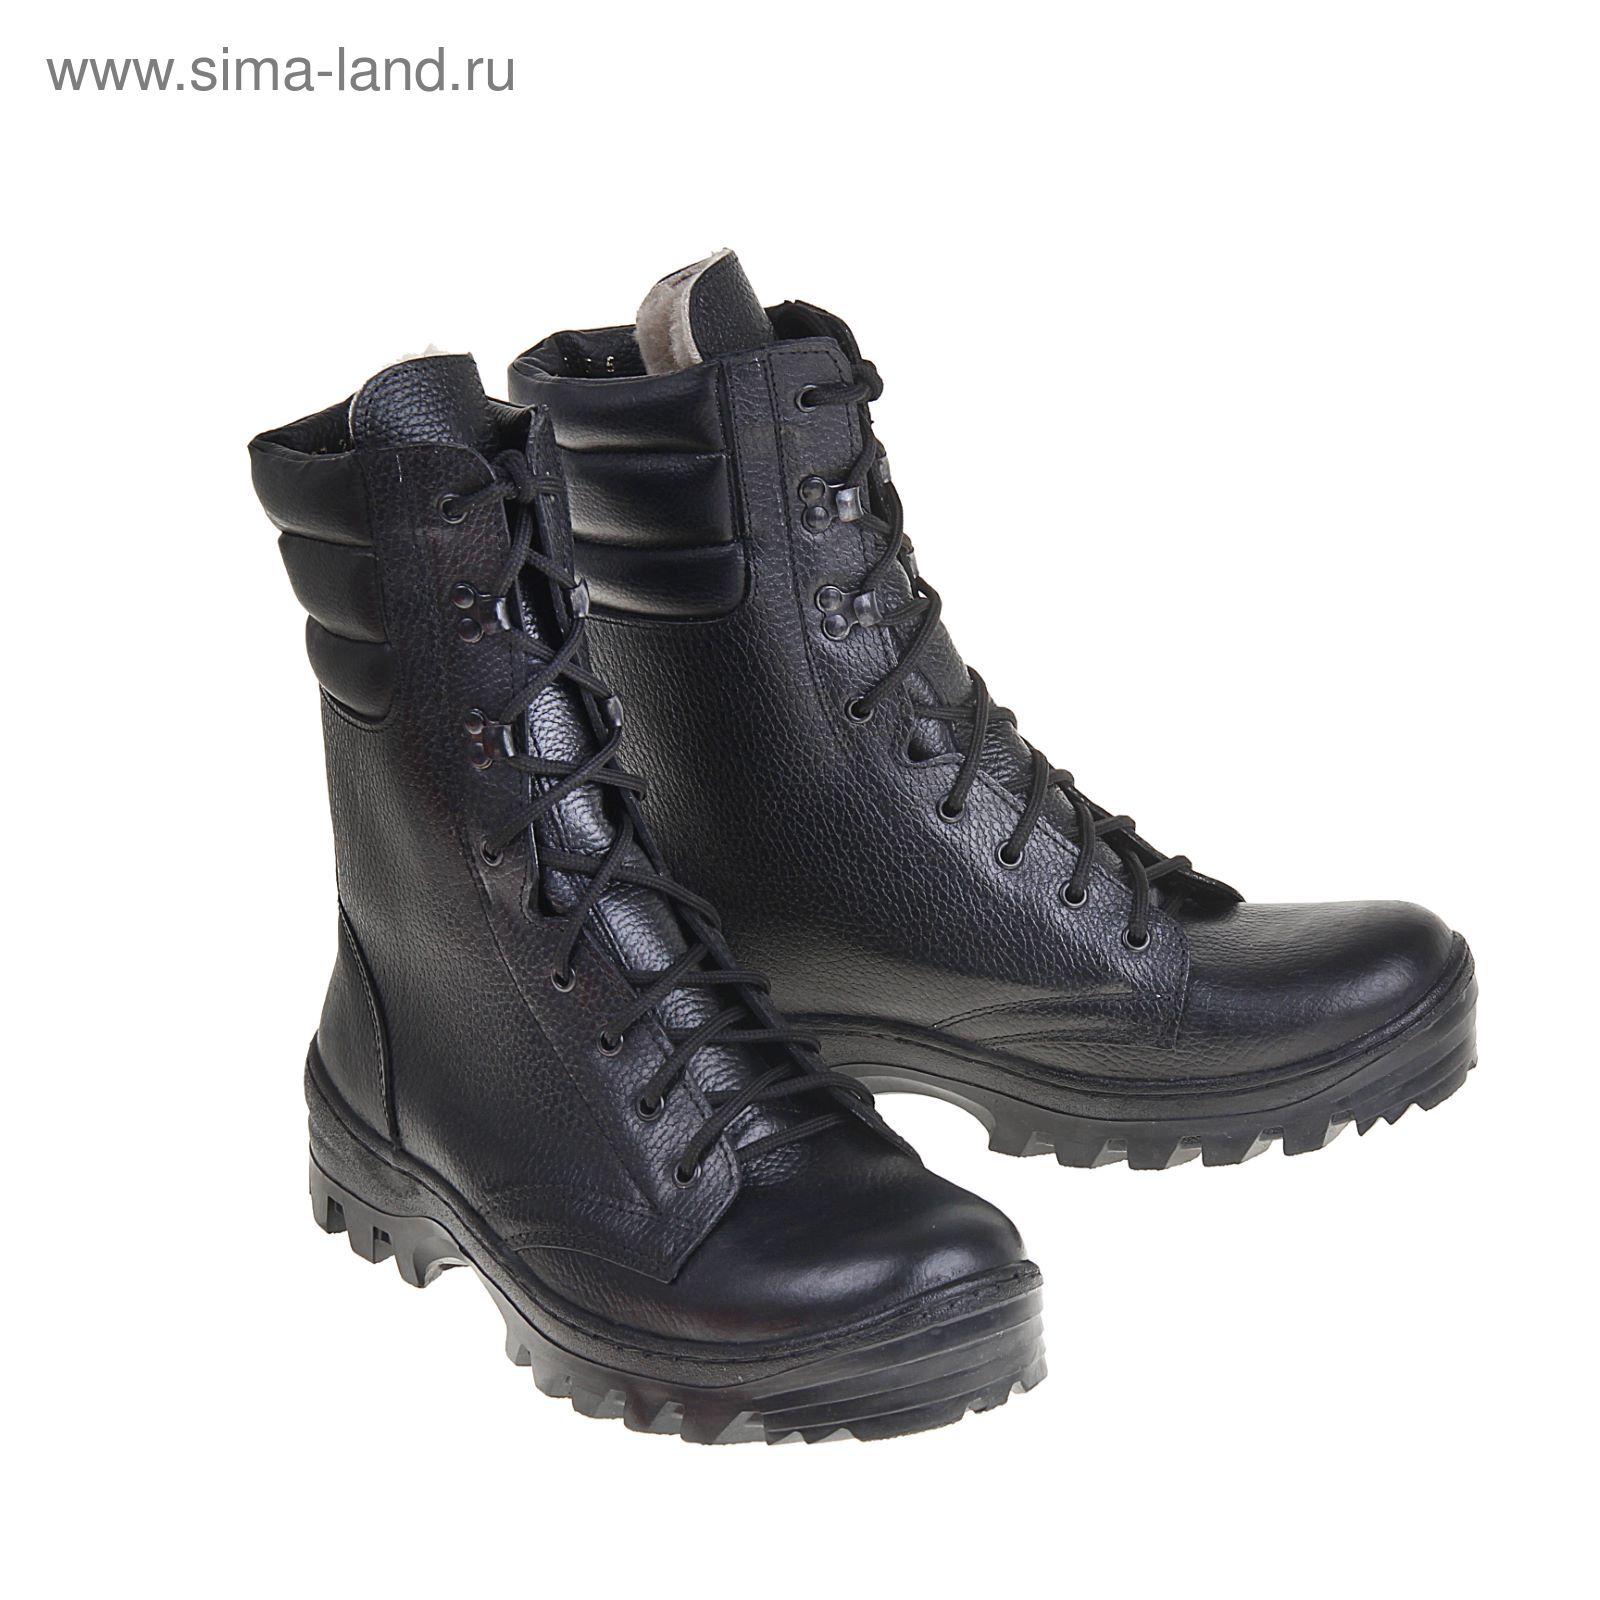 Тактические ботинки БУТЕКС